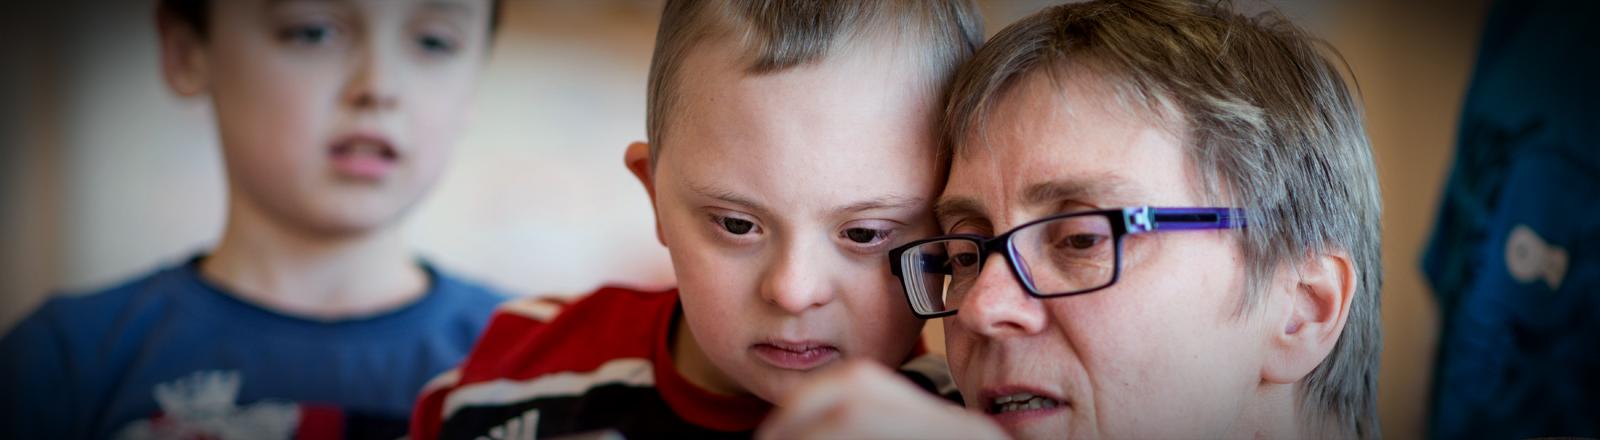 Henri, ein Kind mit Down-Syndrom, betrachtet mit seiner Mutter Fotos auf einer Digitalkamera.